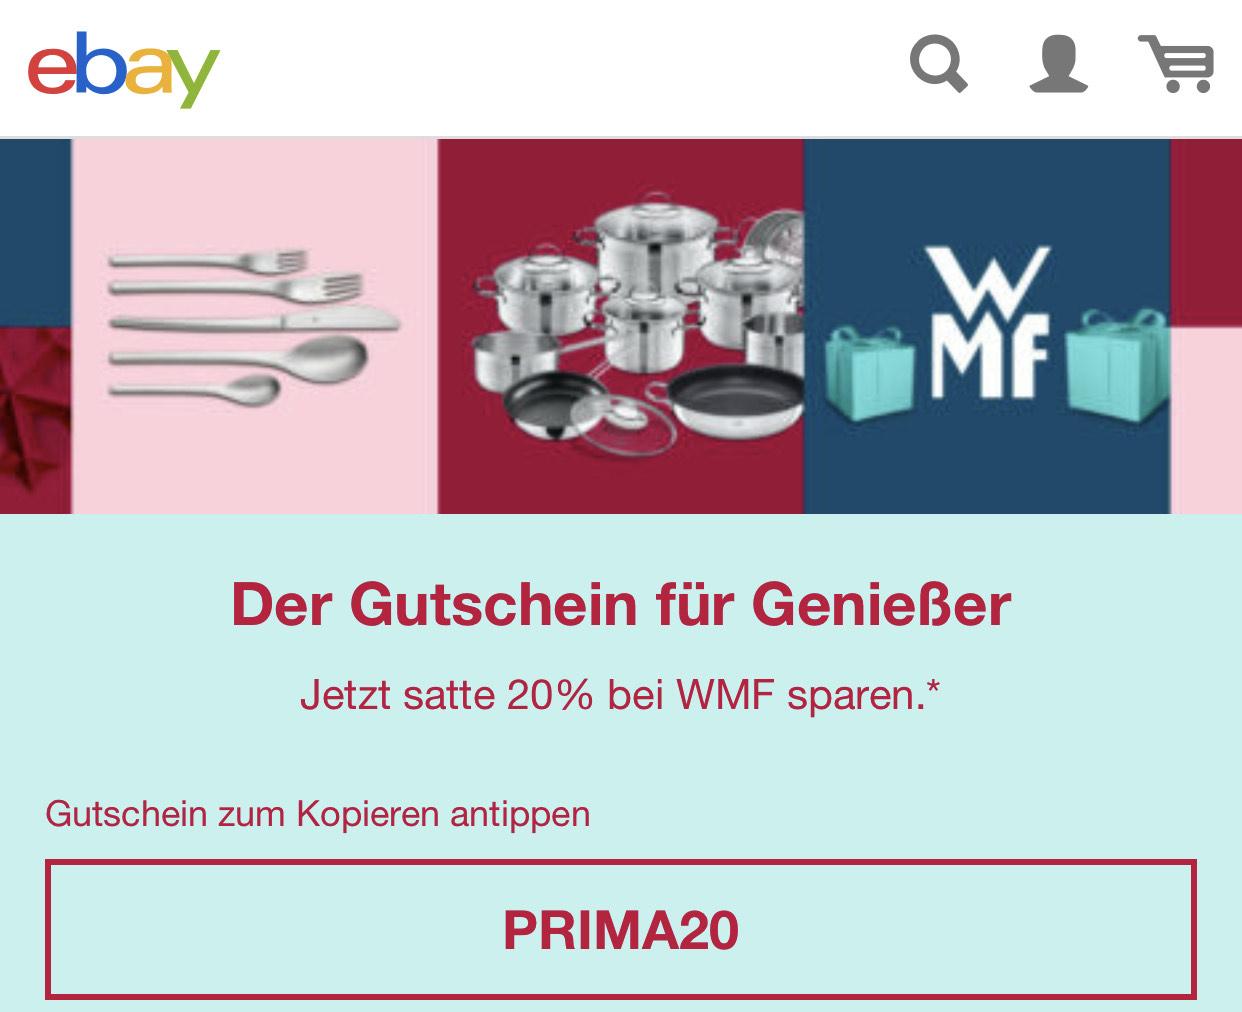 EBay - 20% bei WMF sparen gültig bis zum 31.12.19